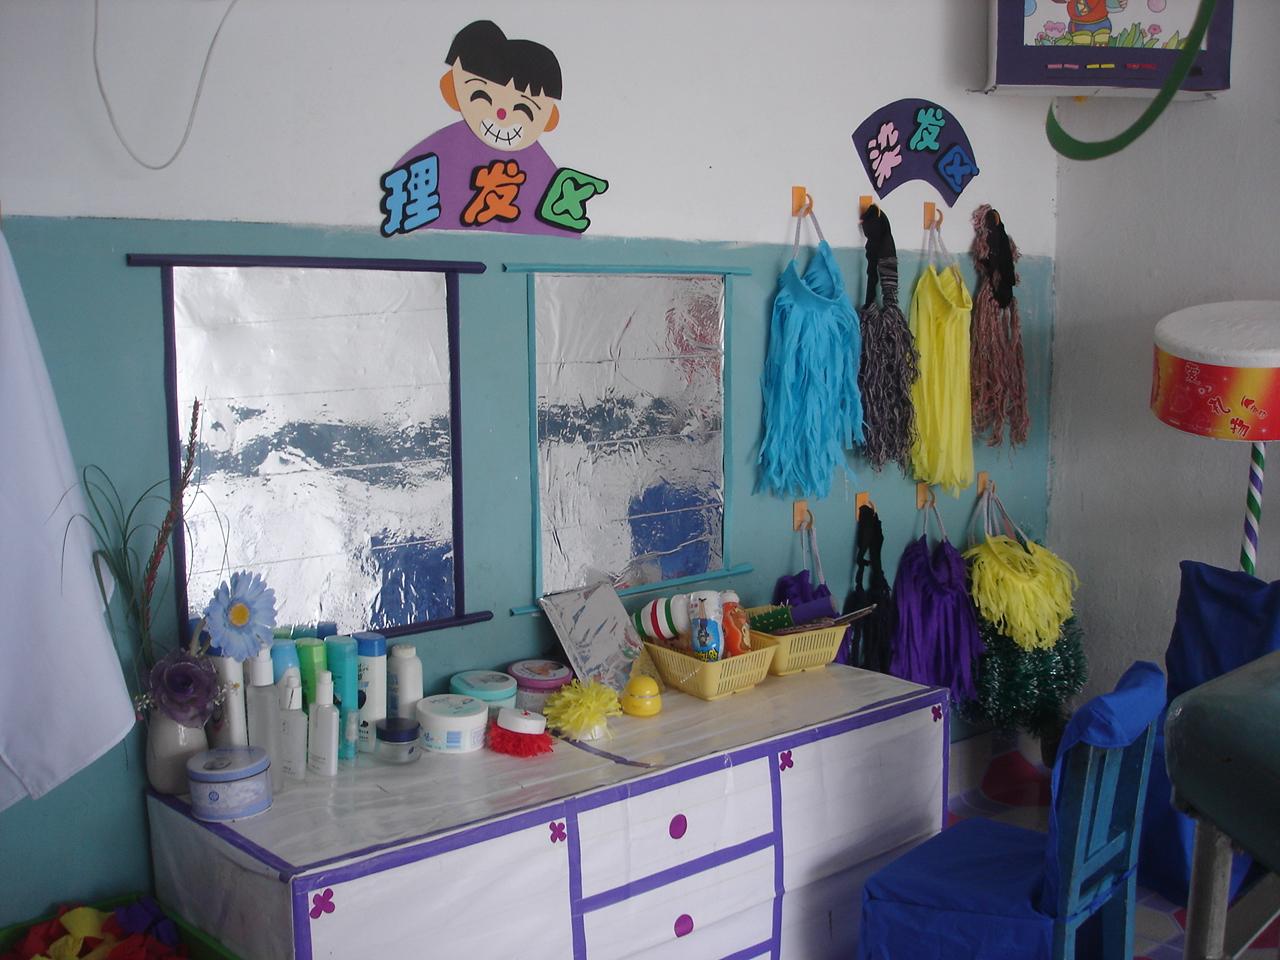 [二](222); 幼儿园大班室内_幼儿园大班室内活动_幼儿园大班室内布置图片